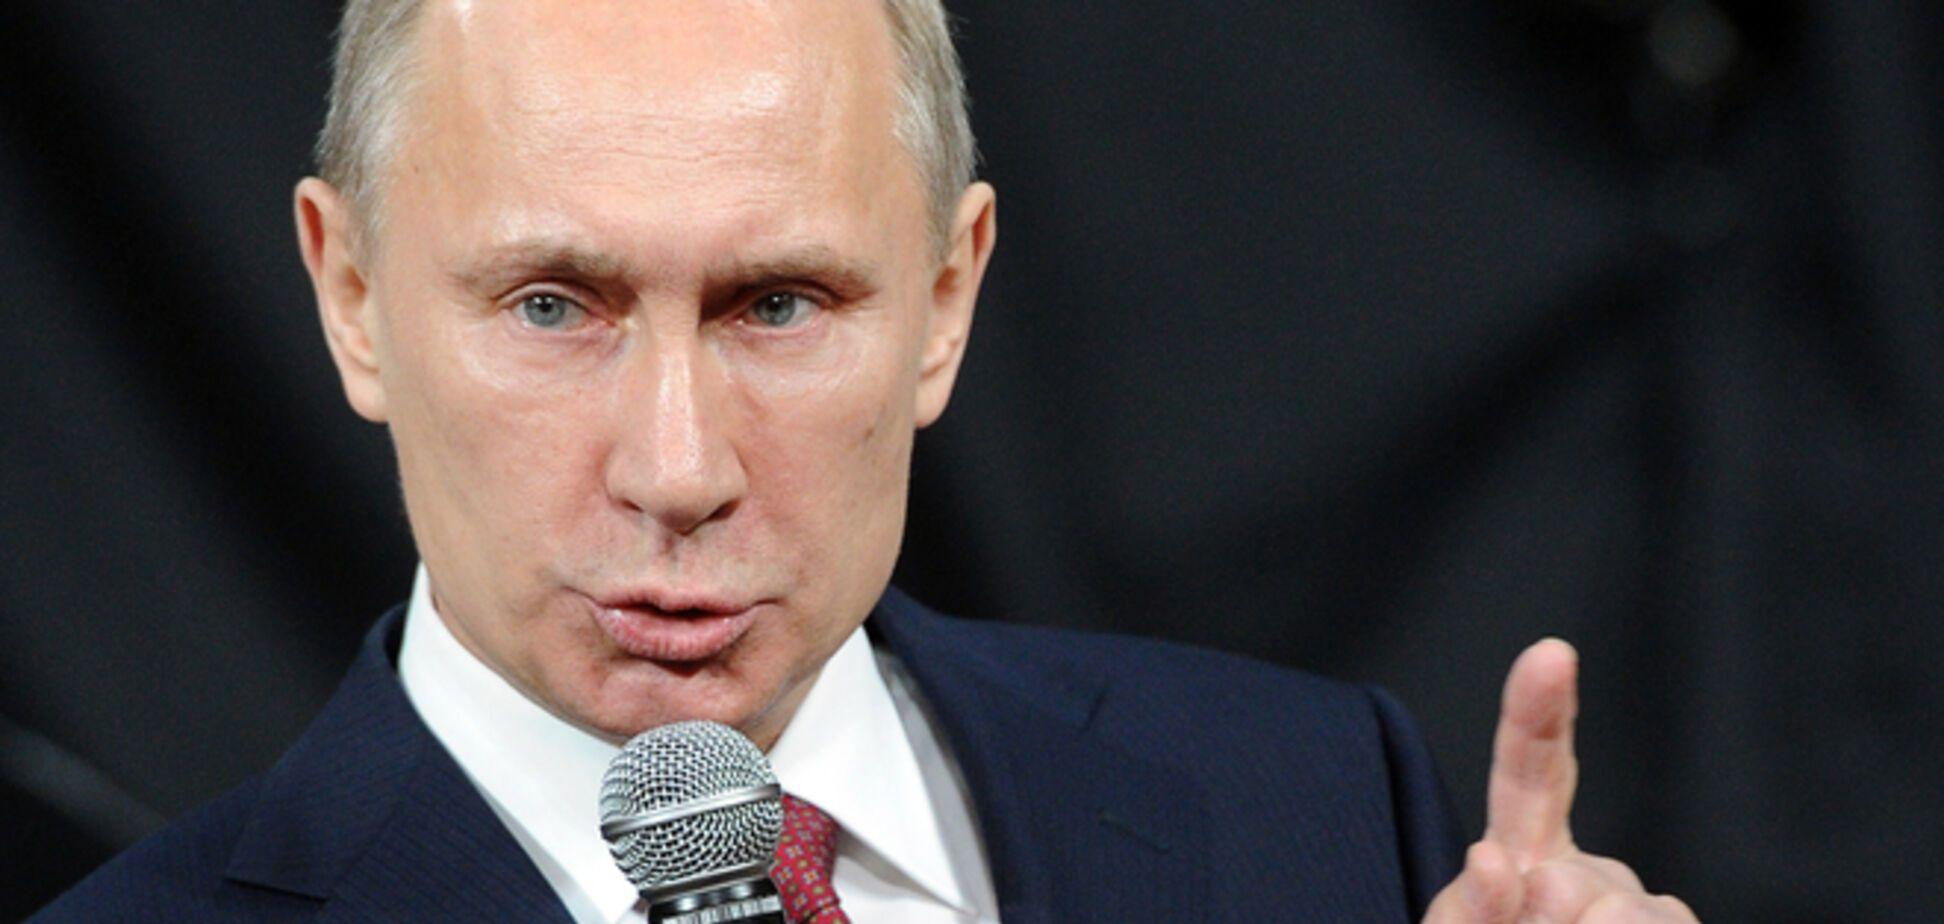 Путин обязал все интернет-компании хранить данные россиян только в РФ